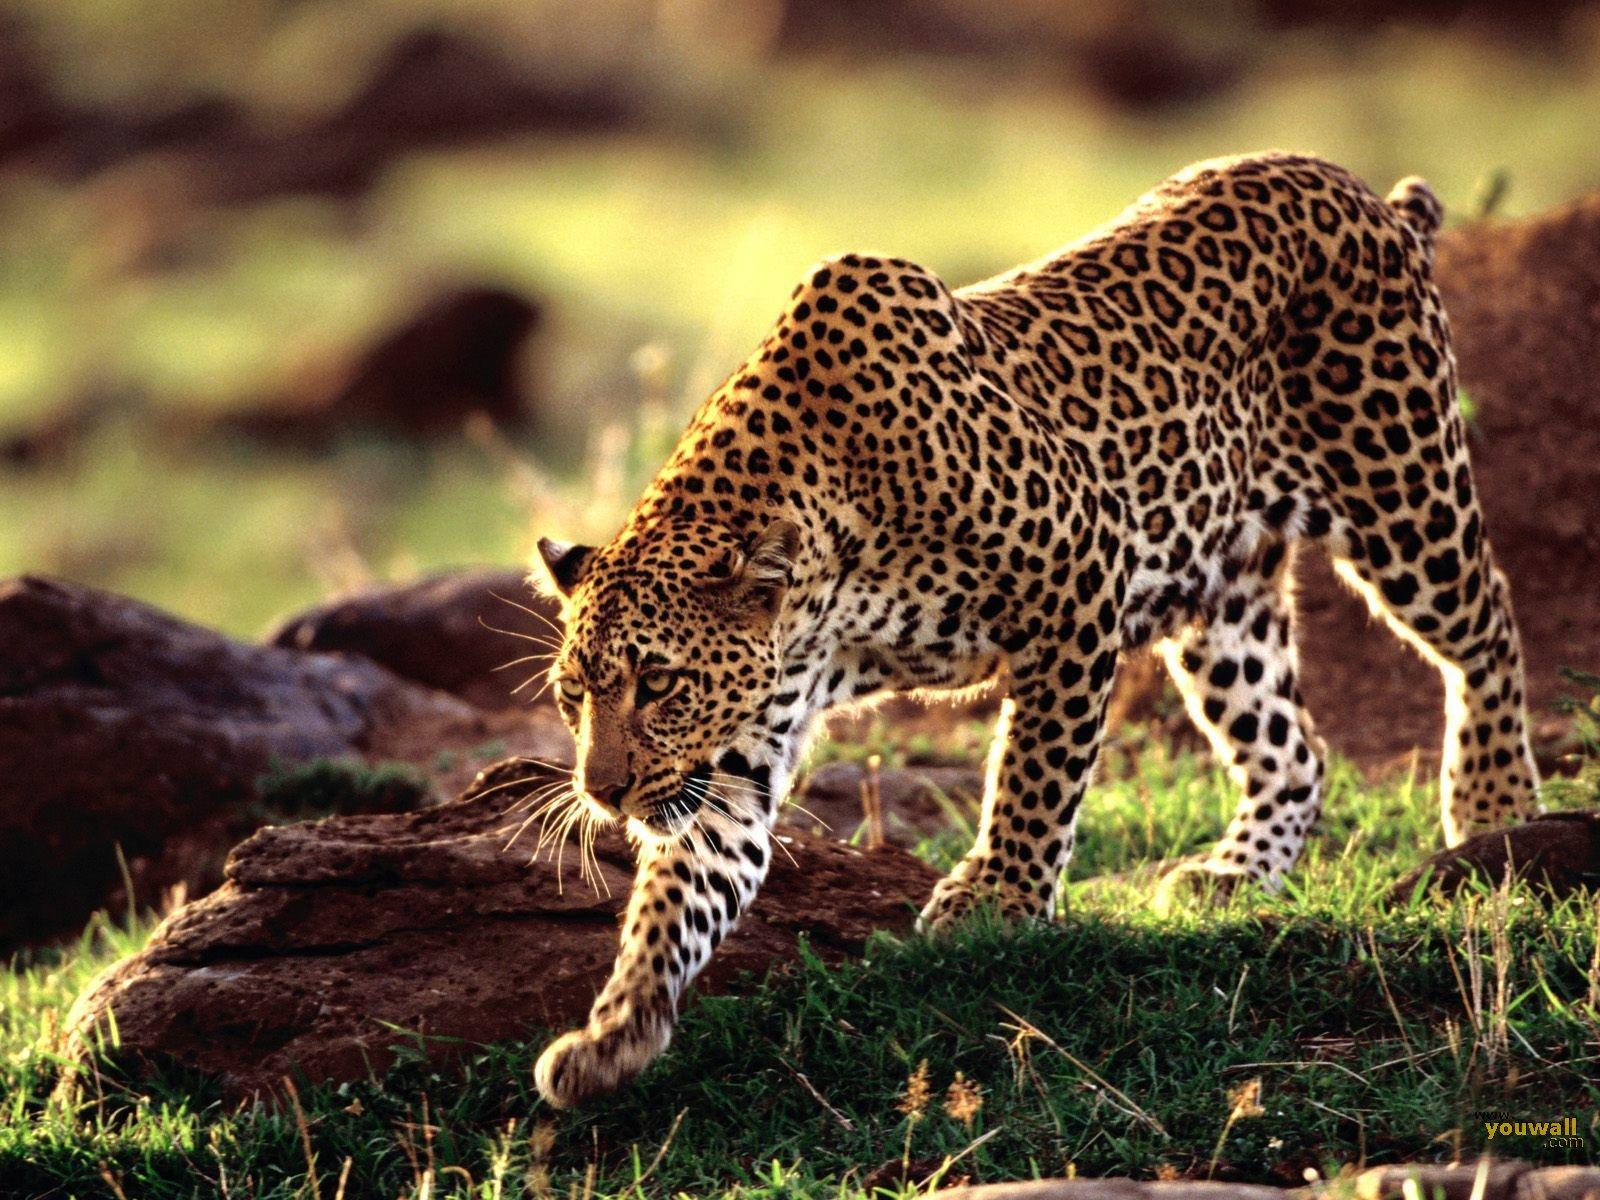 Desktop free pictures of wild animals wallpaper